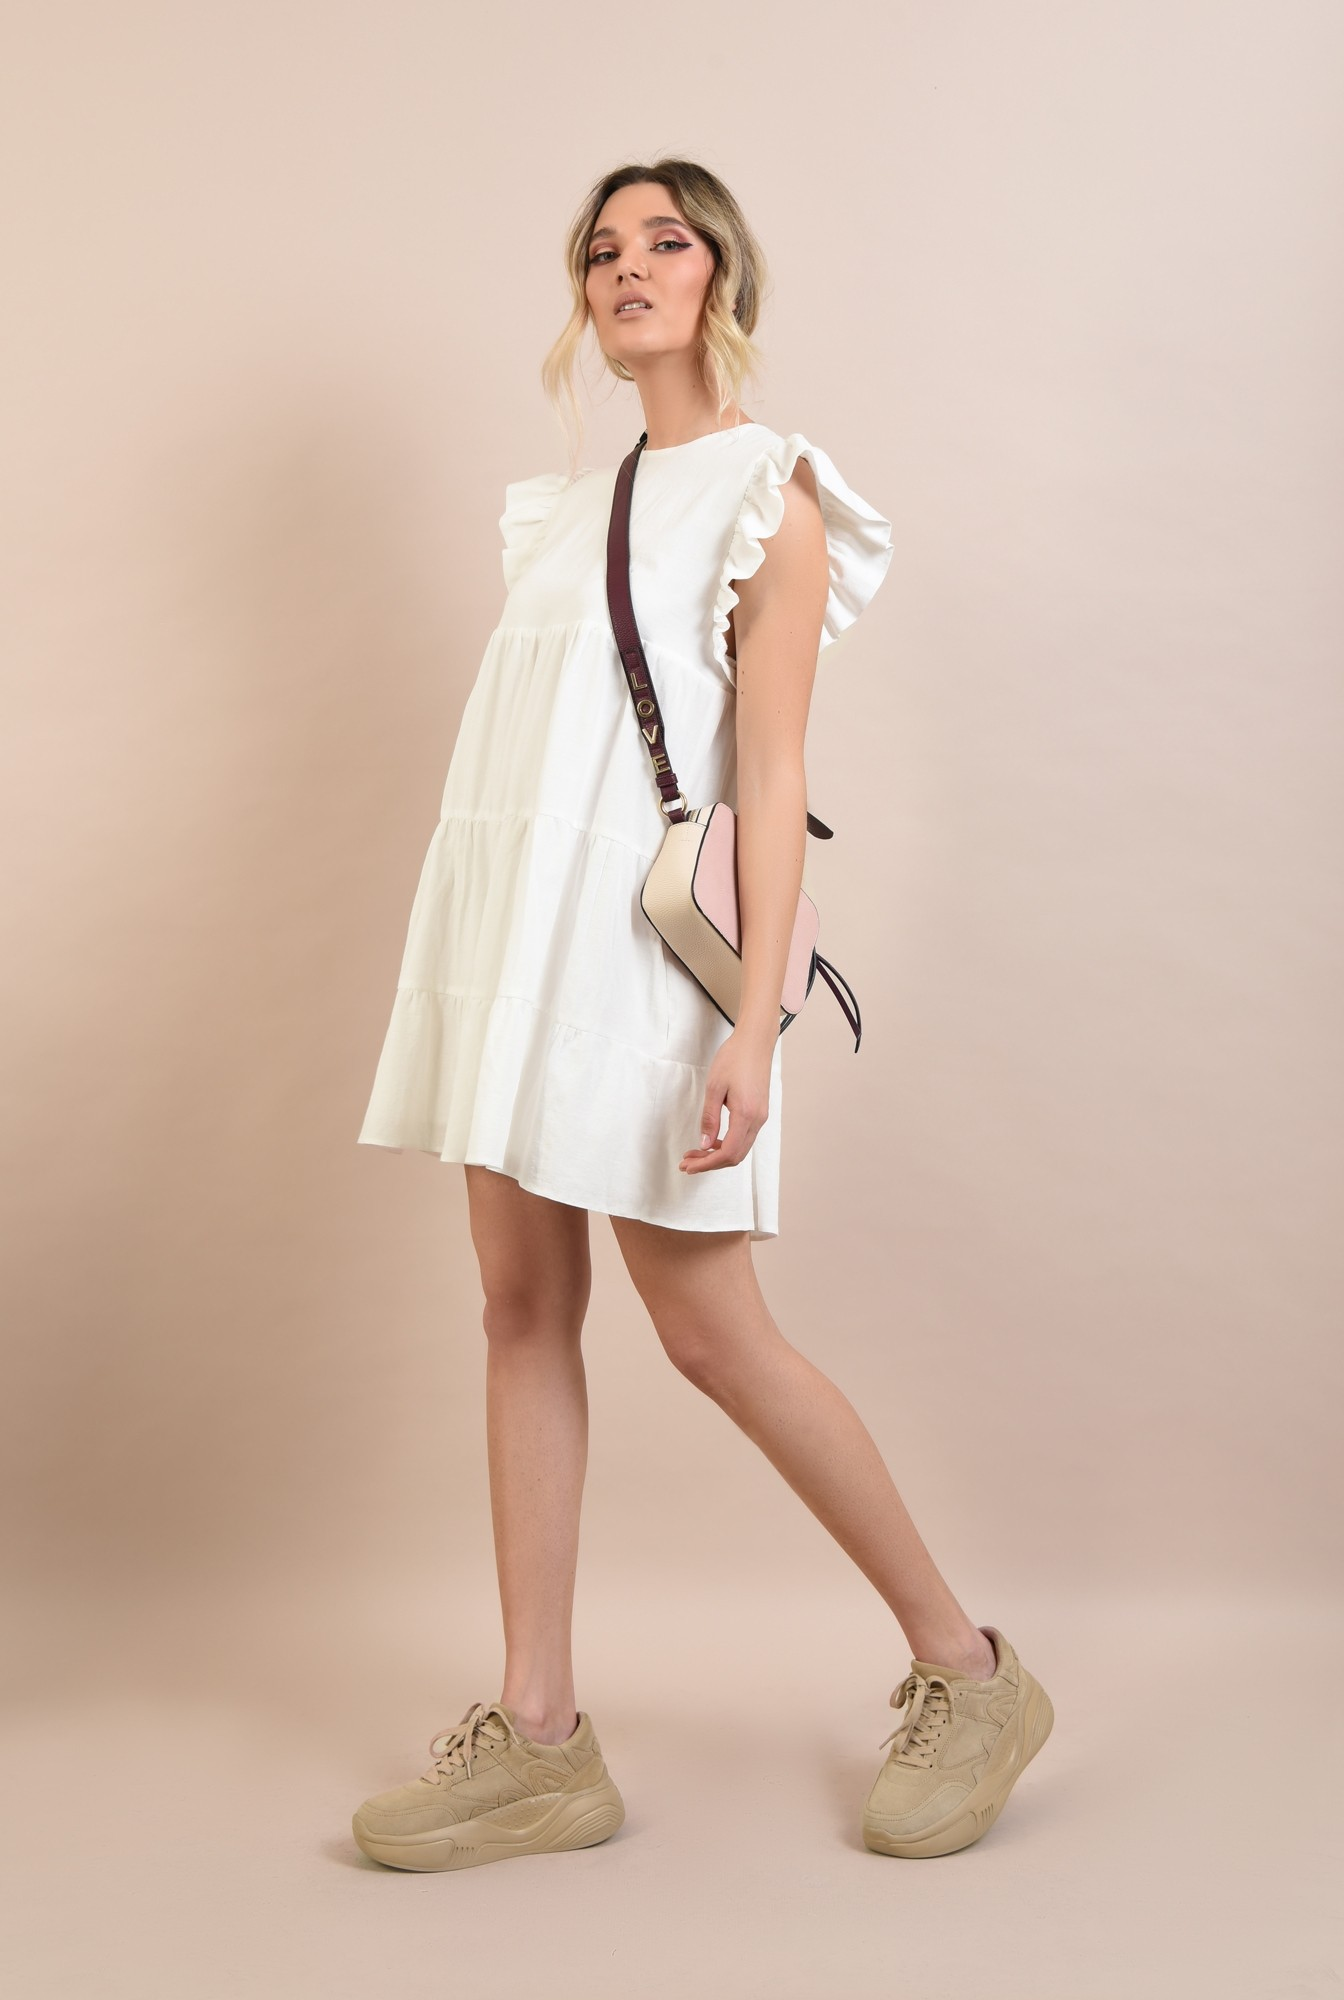 3 -  rochie babydoll, cu maneci volan, evazata, scurta, rochie de vara